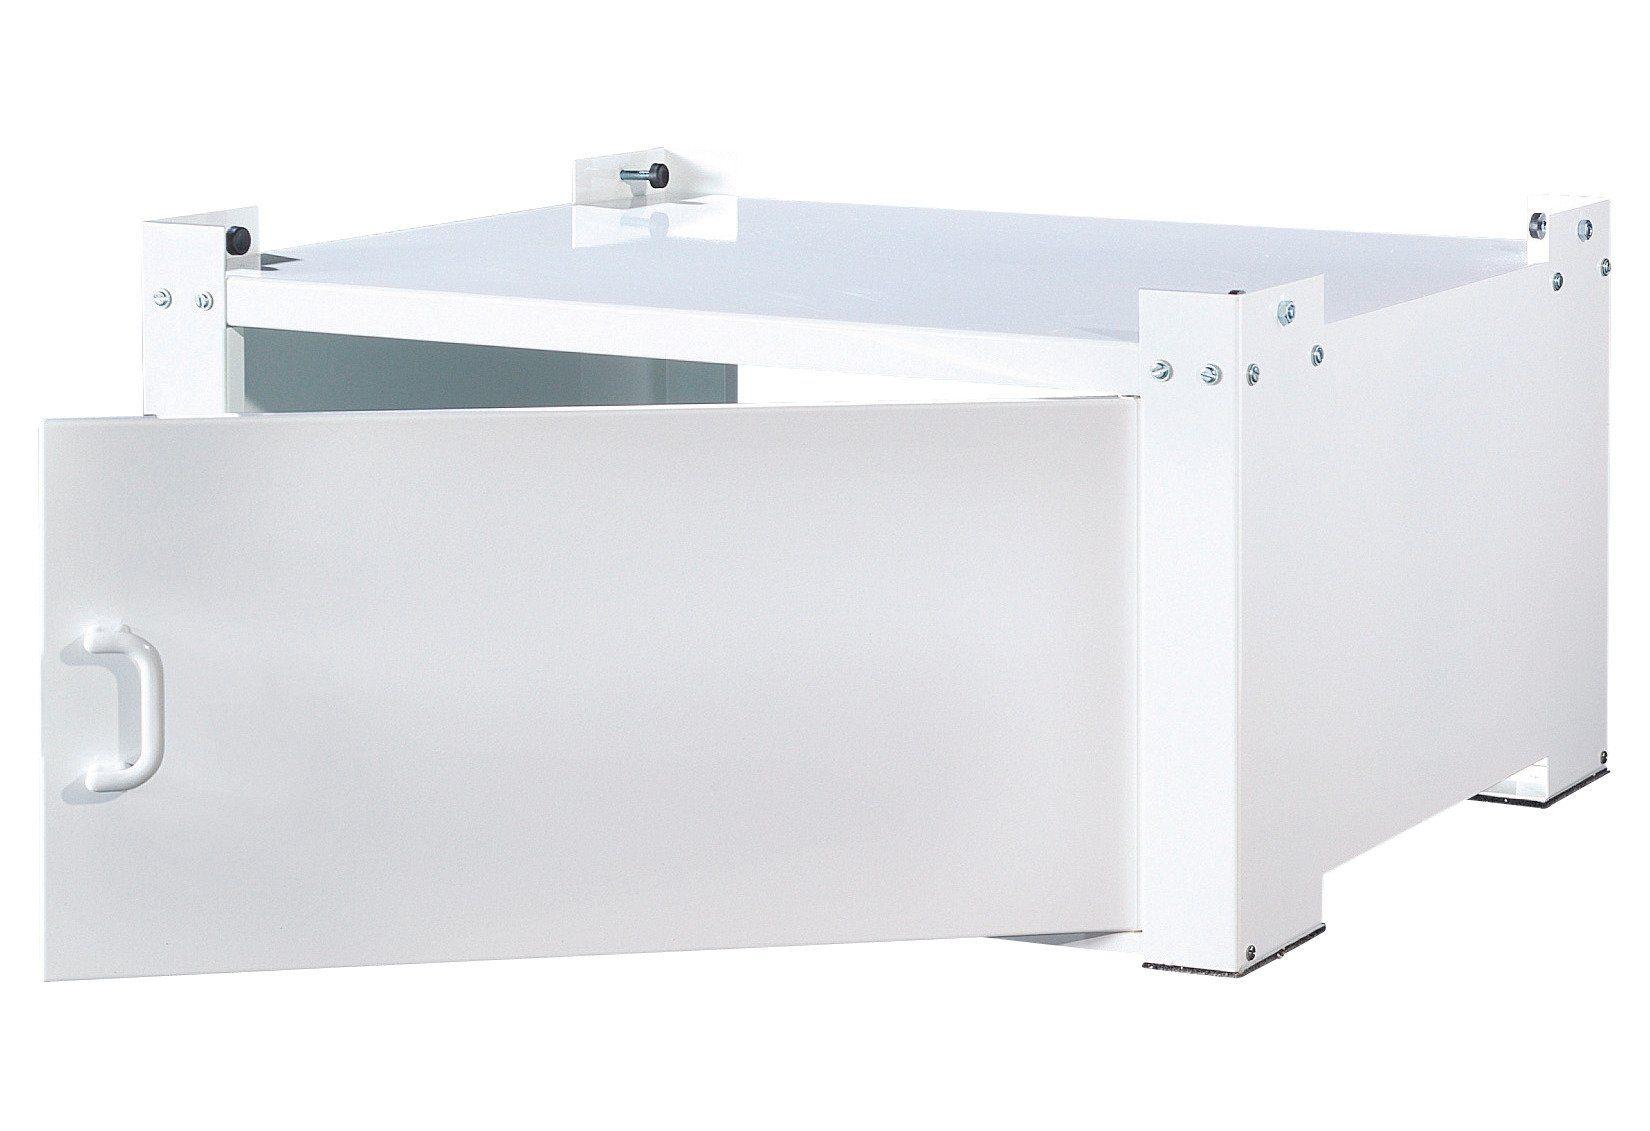 Sz Metall Waschmaschinen-Untergestell, mit Tür